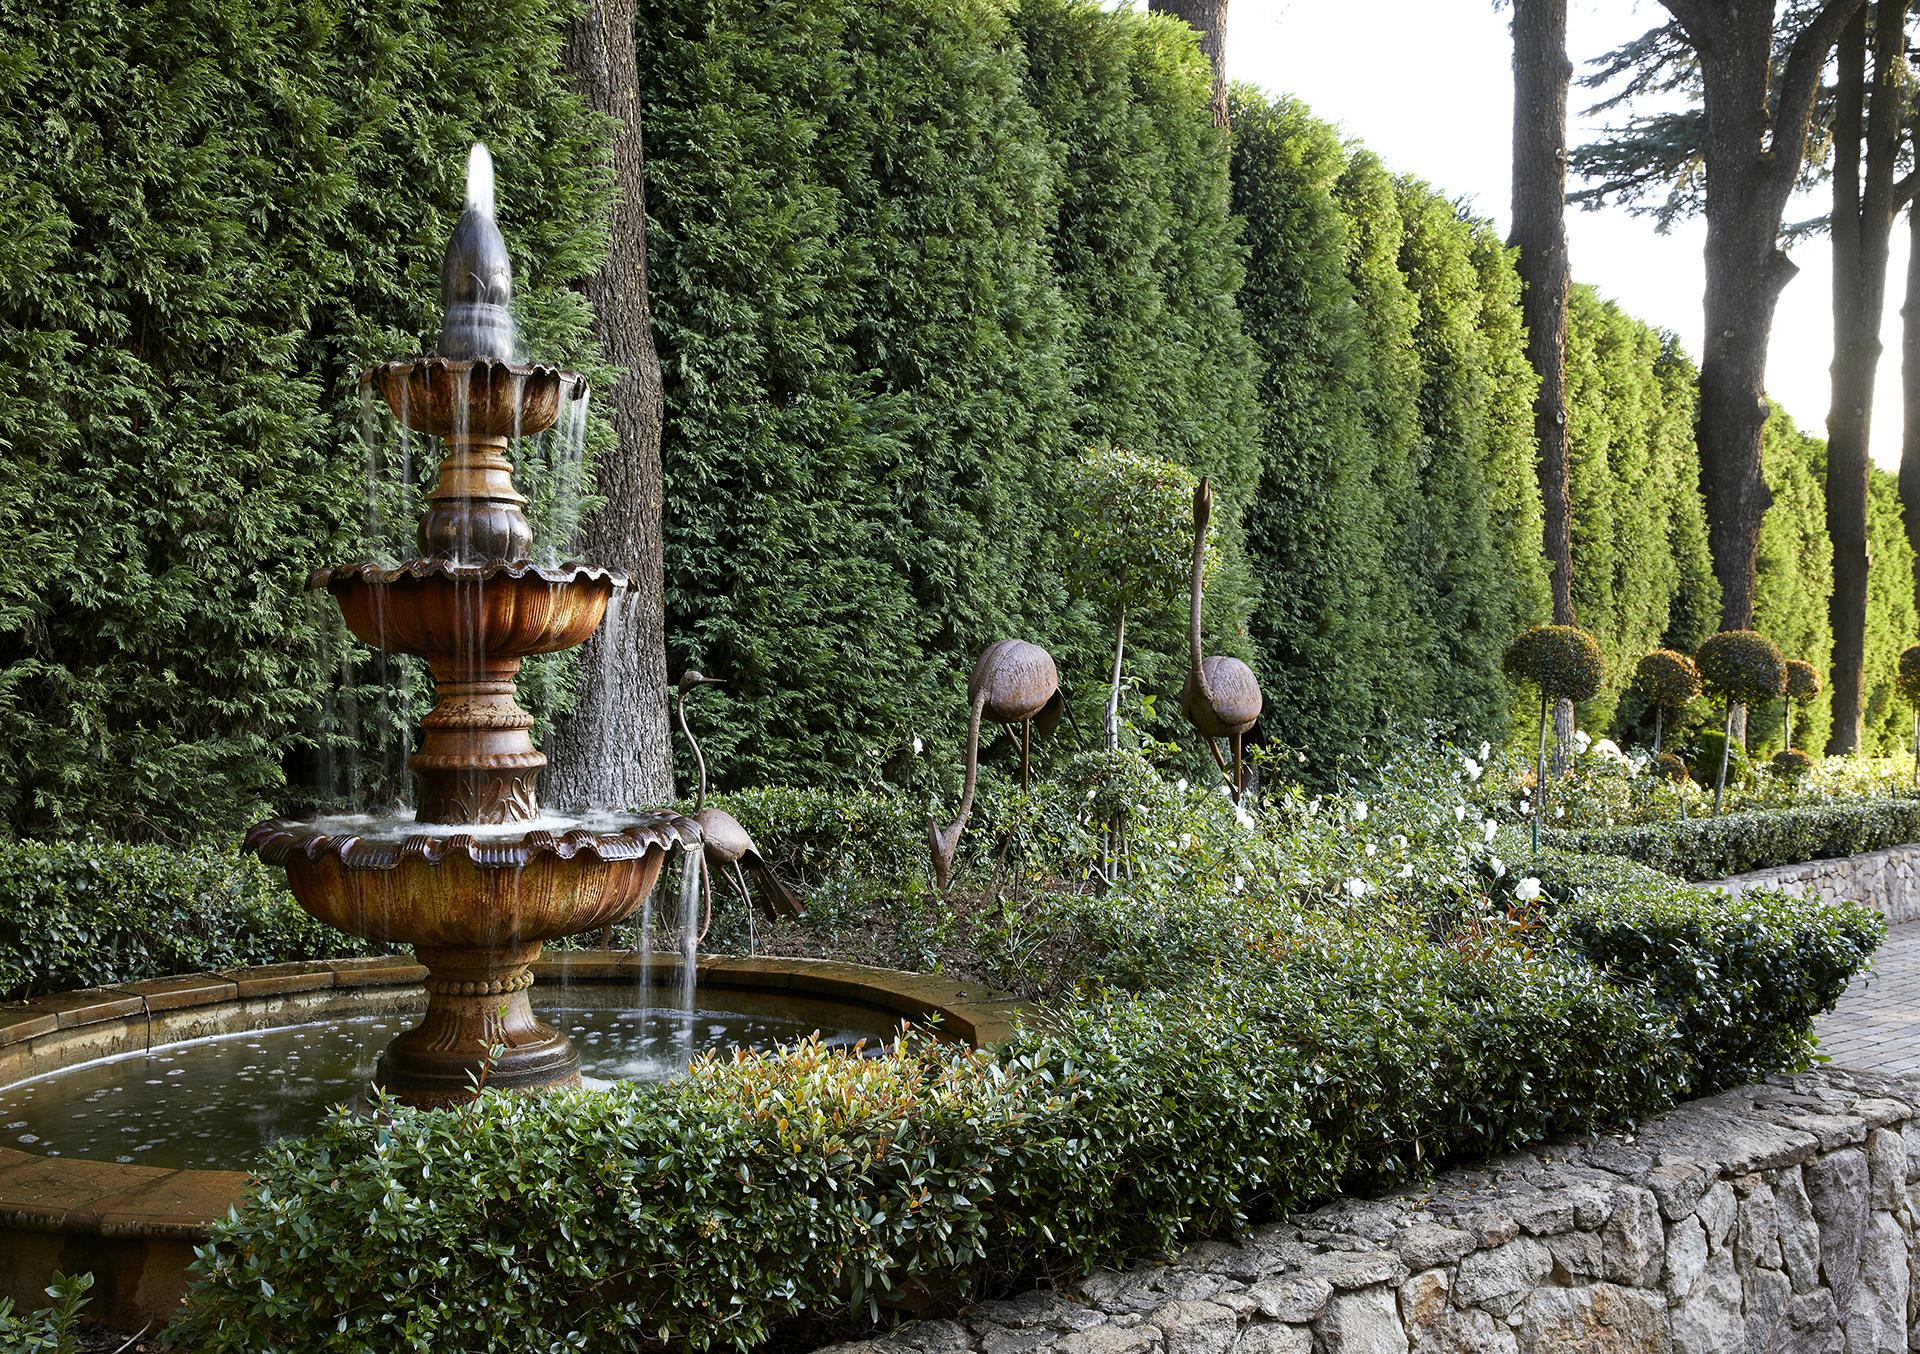 A typical Young Garden Design garden.